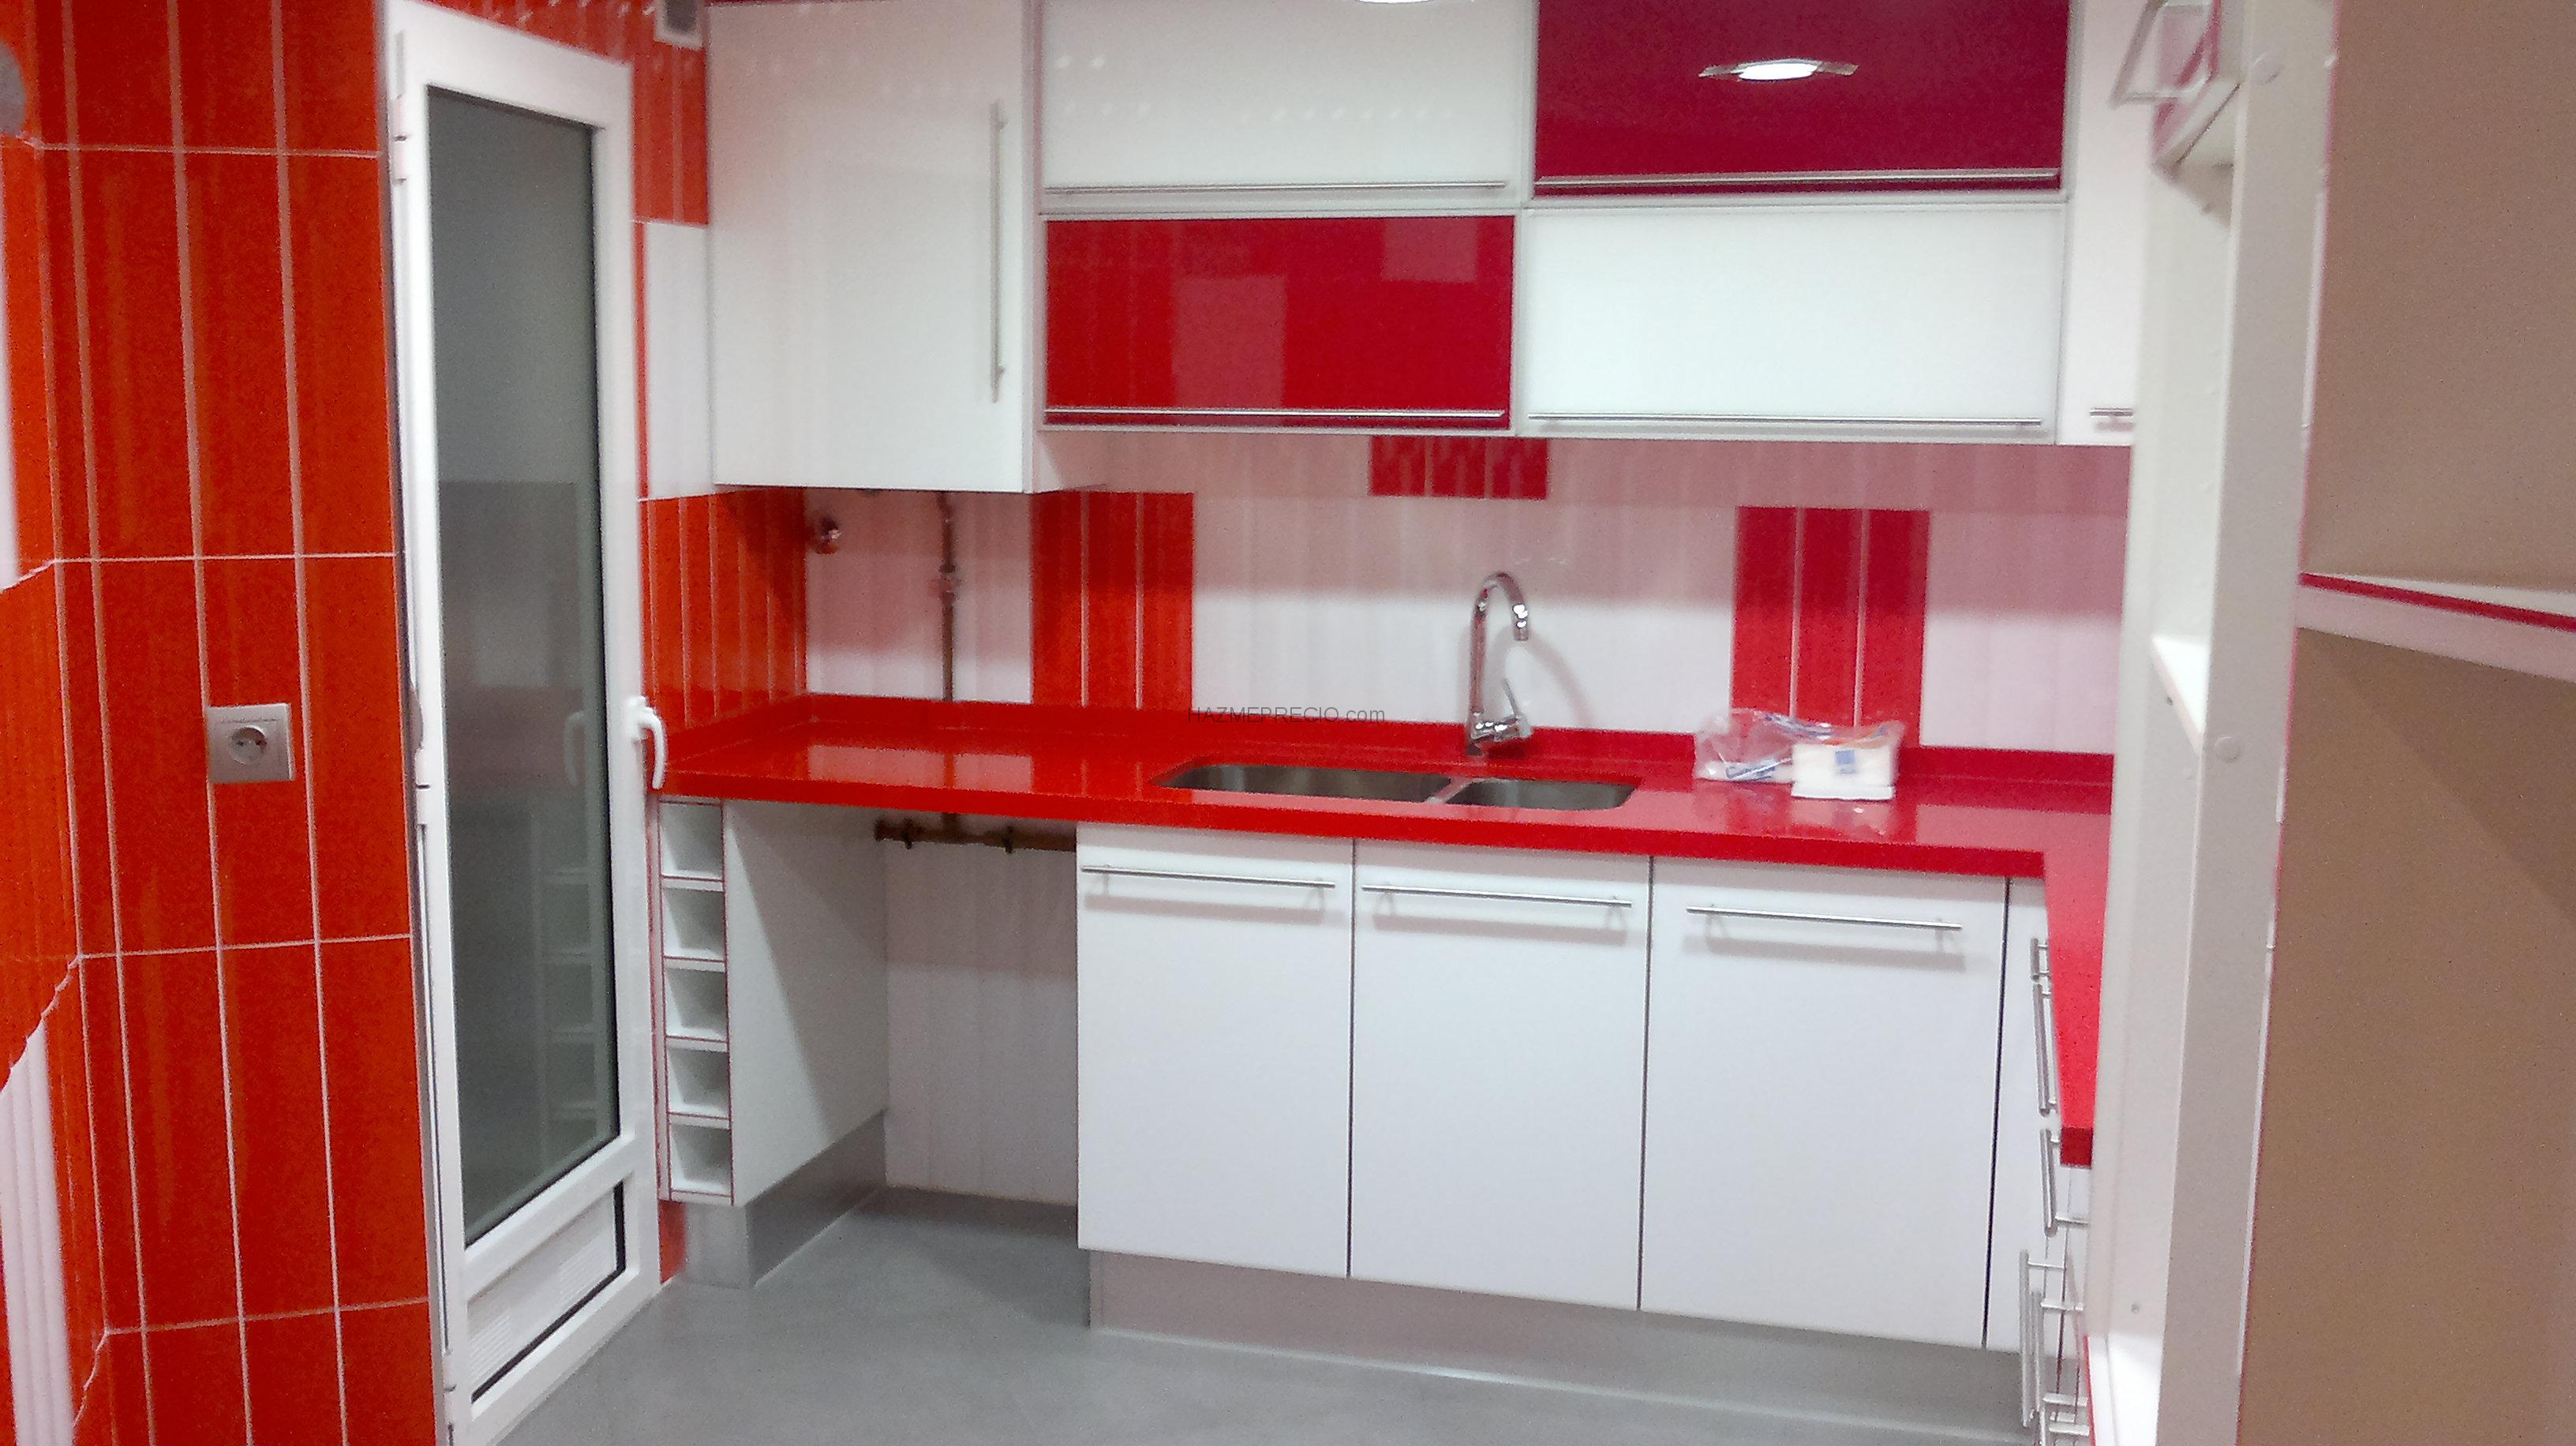 Cambiar puertas de cocina reformas parciales de cocinas - Cambiar puertas muebles cocina ...